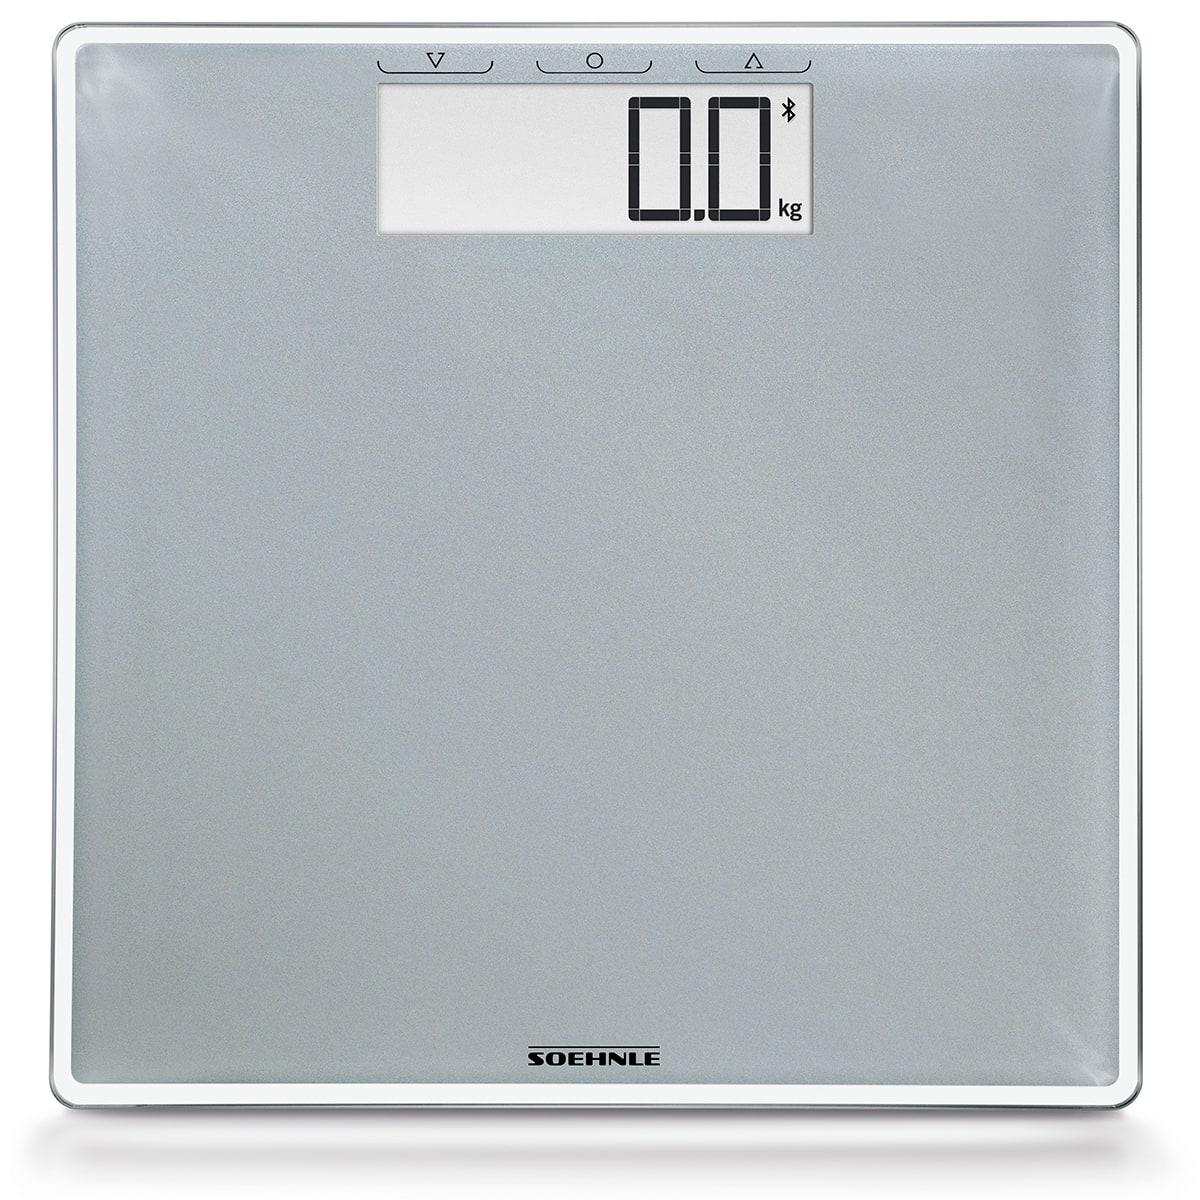 Måler vægt samt BMI og sender oplysningerne til en app